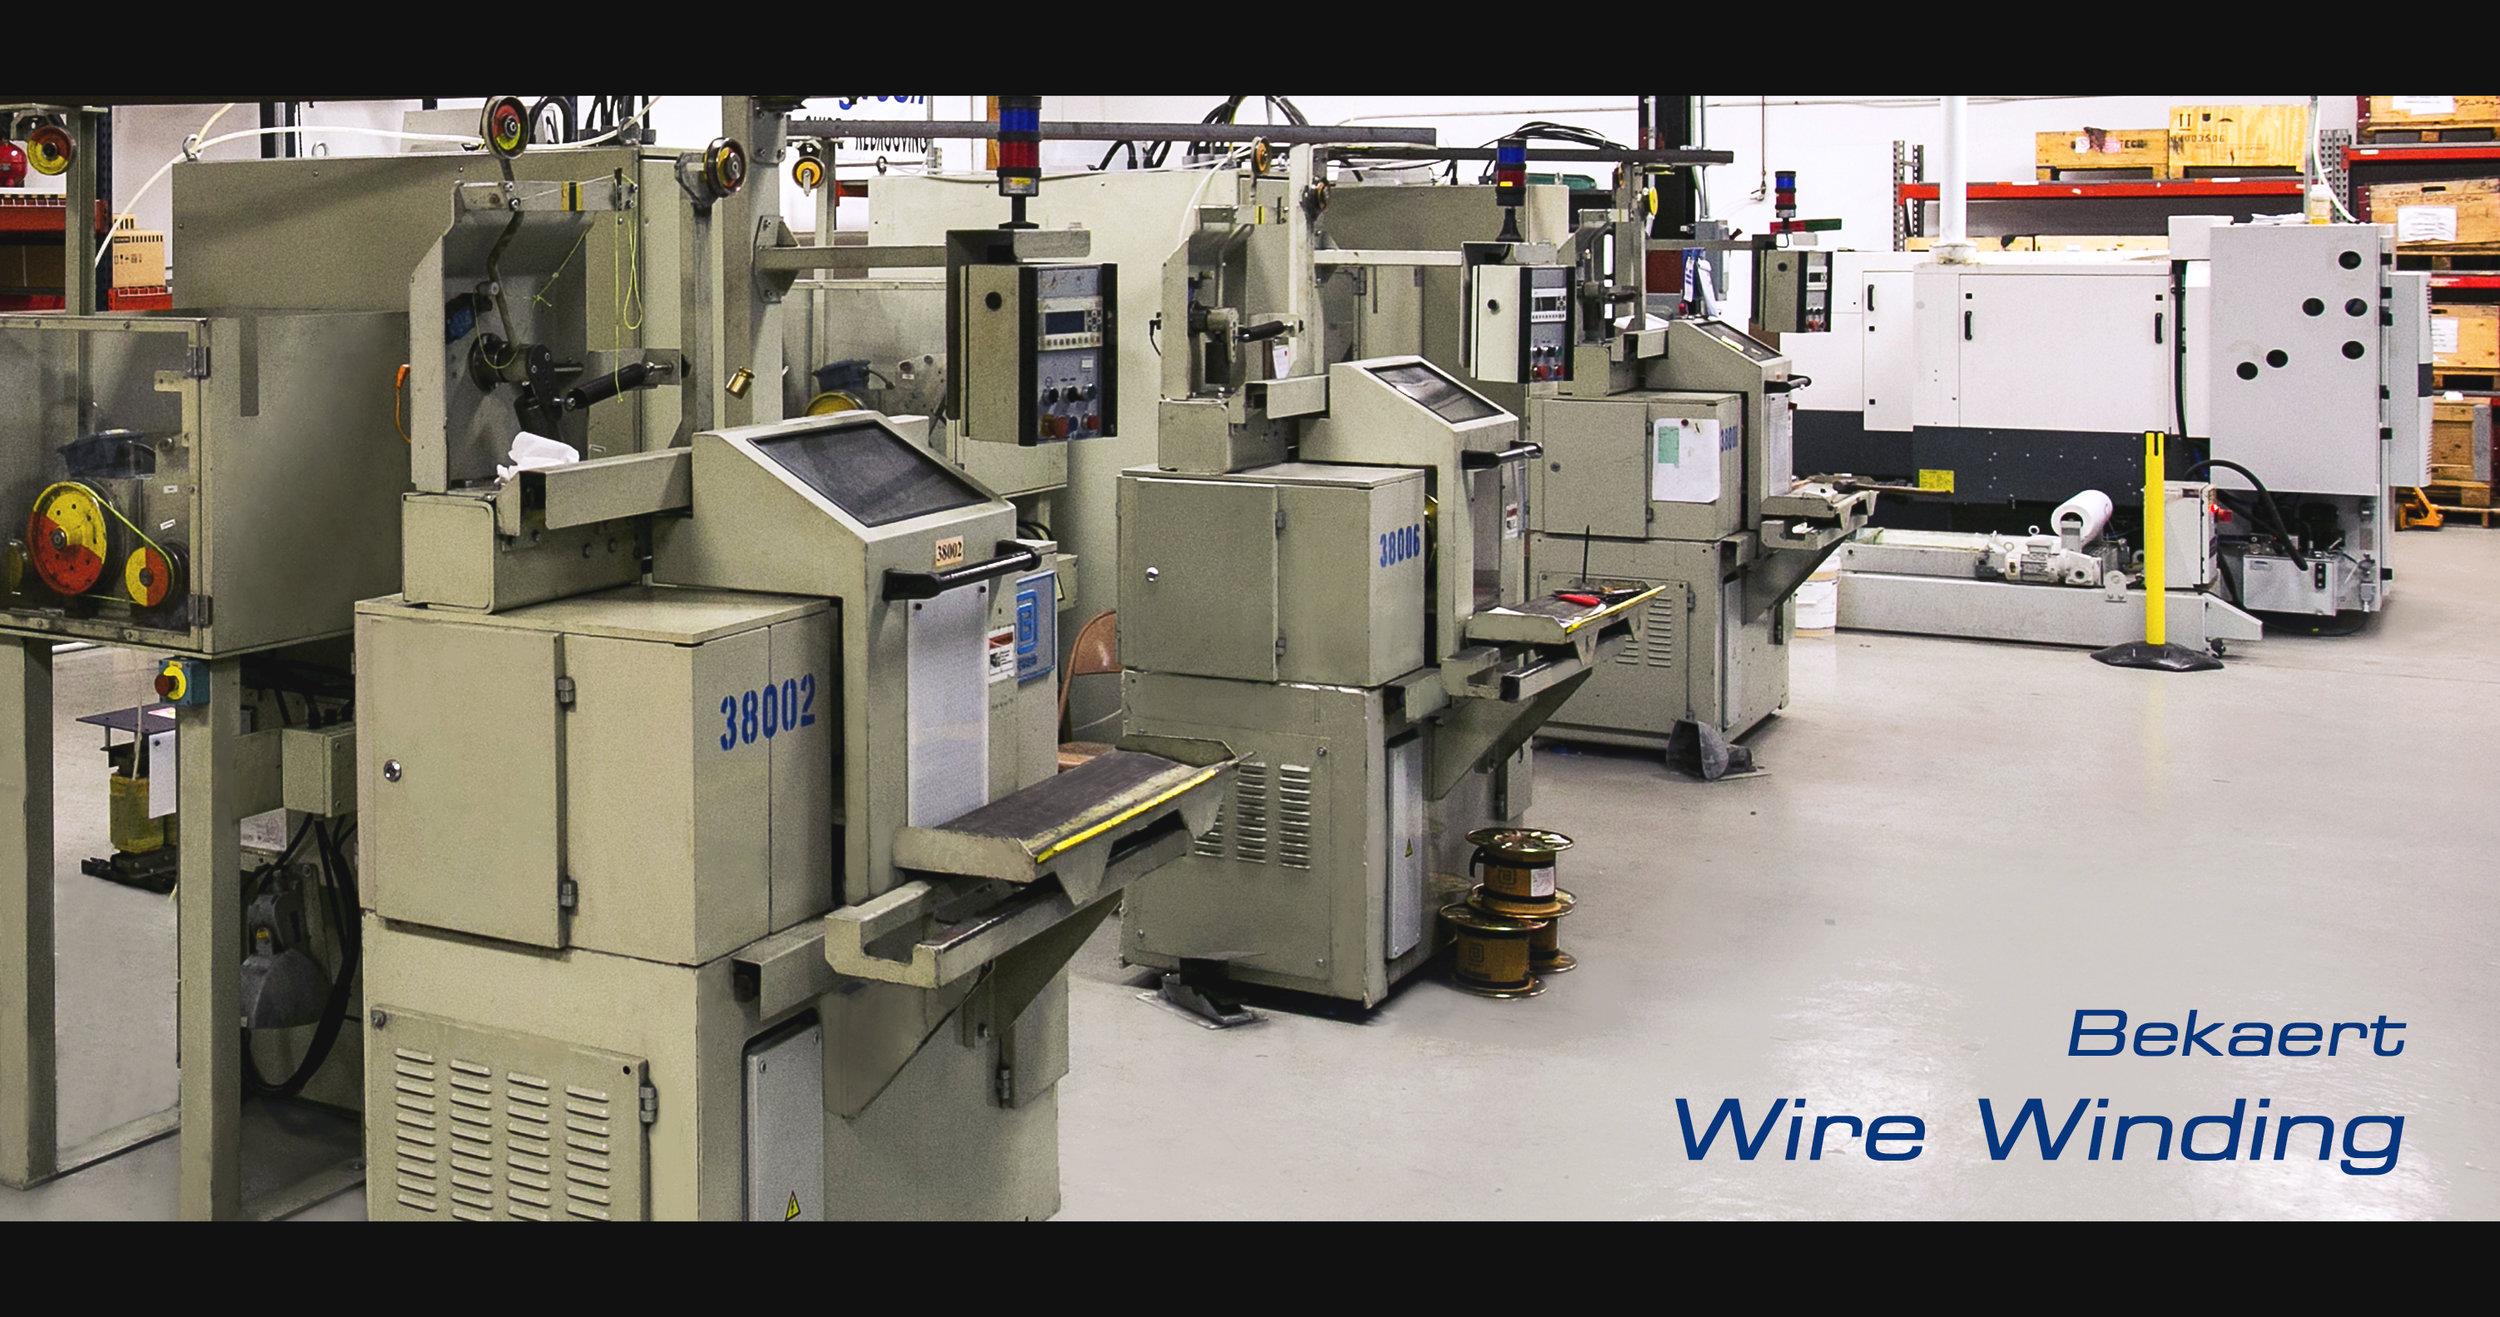 Bekaert Wire Winding Machine